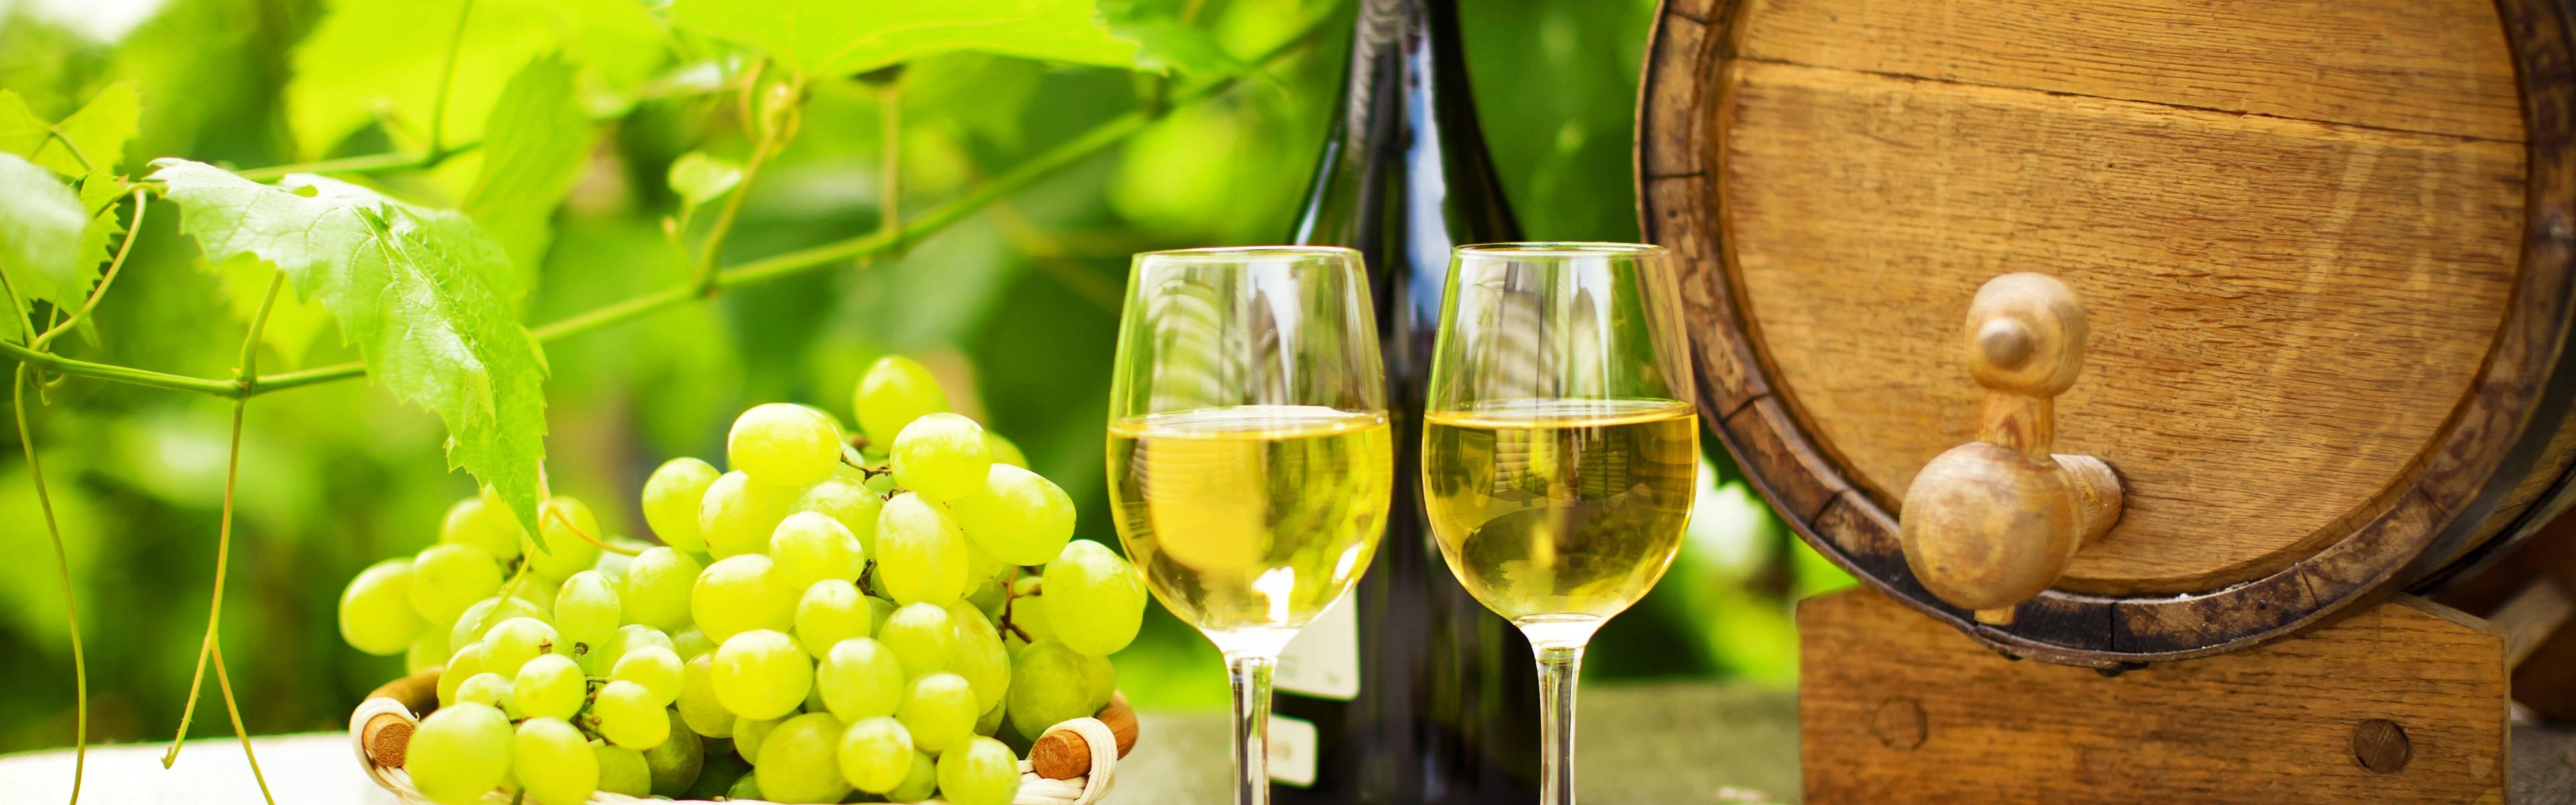 зеленое вино картинки его